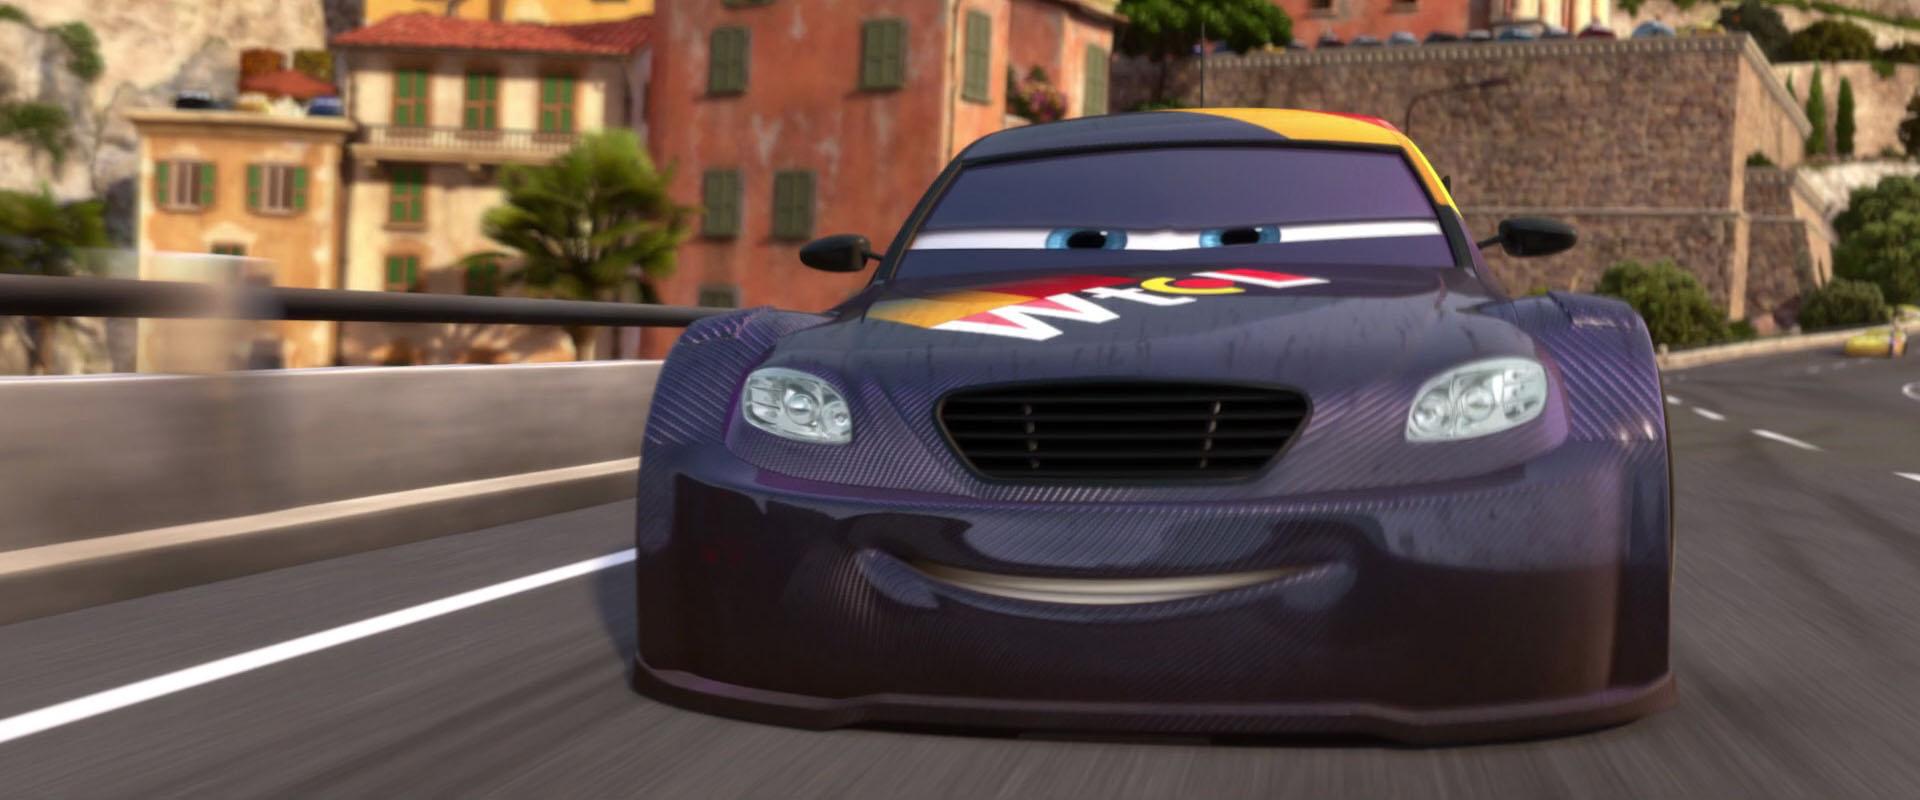 max schnell personnage dans cars 2 pixar planet fr. Black Bedroom Furniture Sets. Home Design Ideas